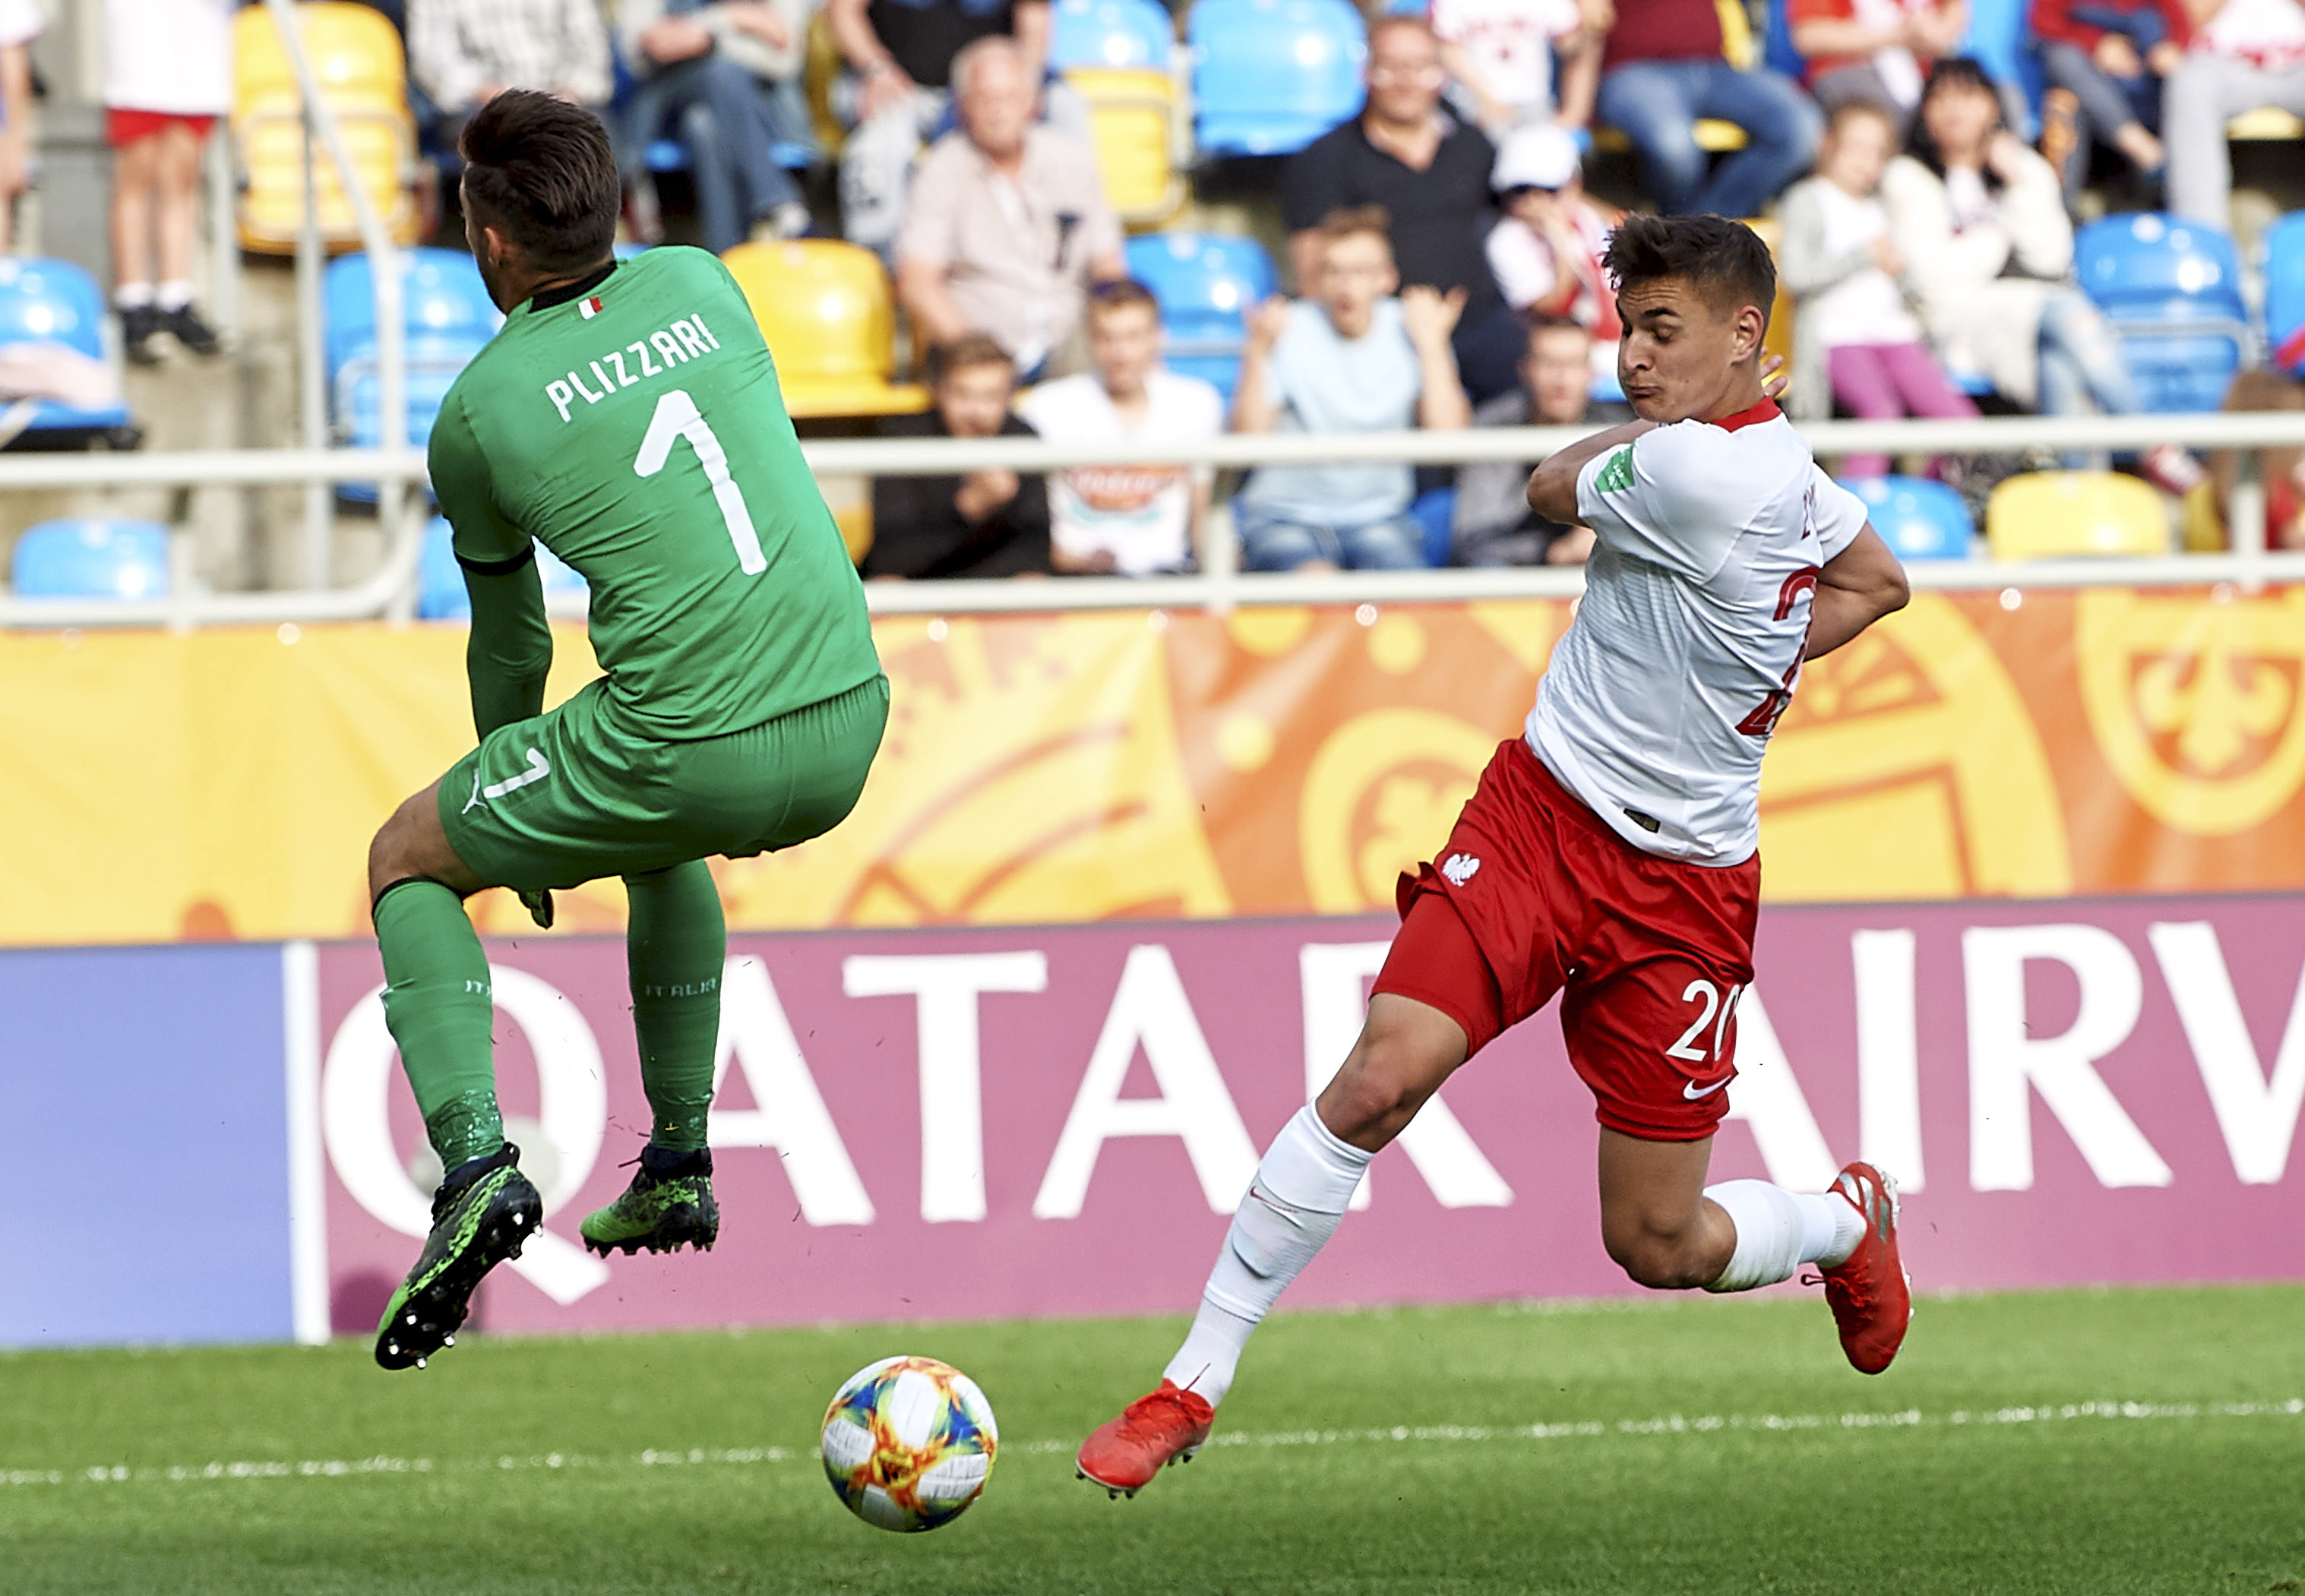 Włochy - Polska w Mistrzostwach Świata U-20